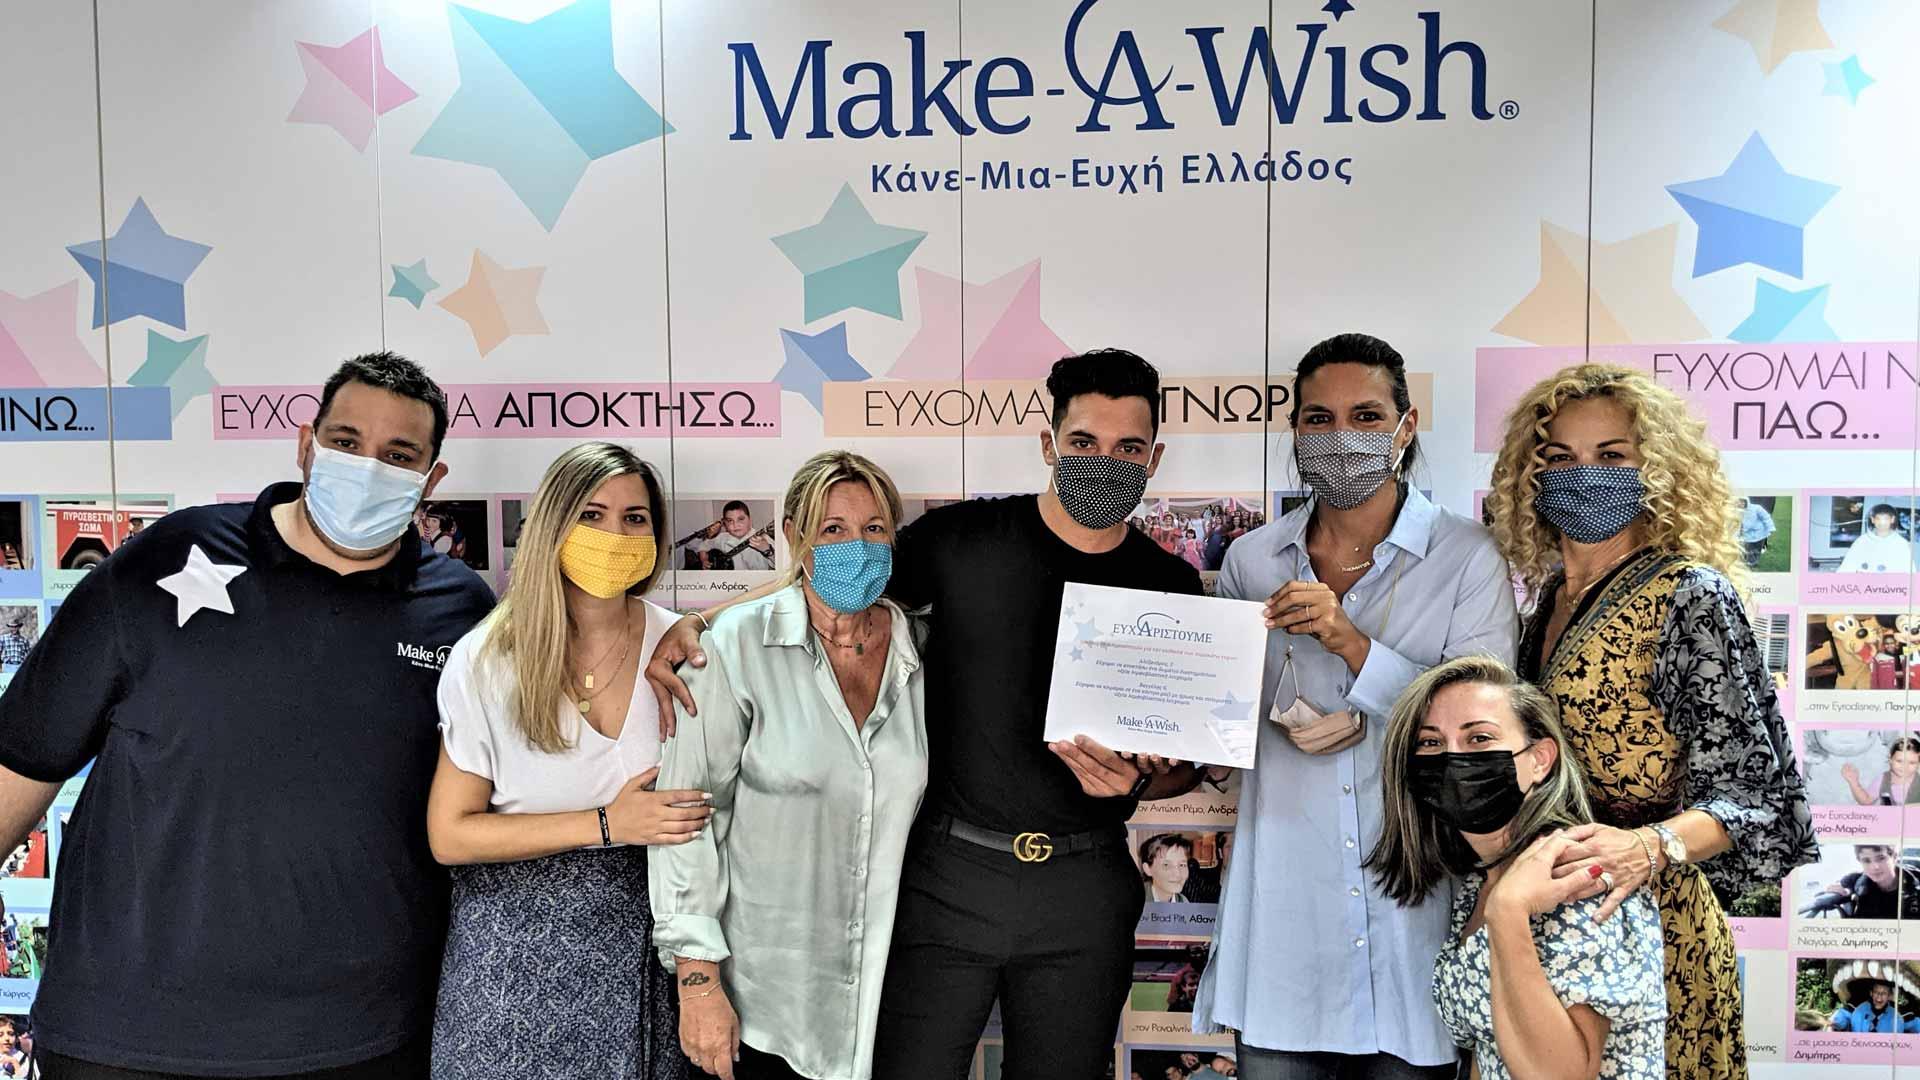 Γιώργος Ασημακόπουλος - Survivor 4 - Make a wish